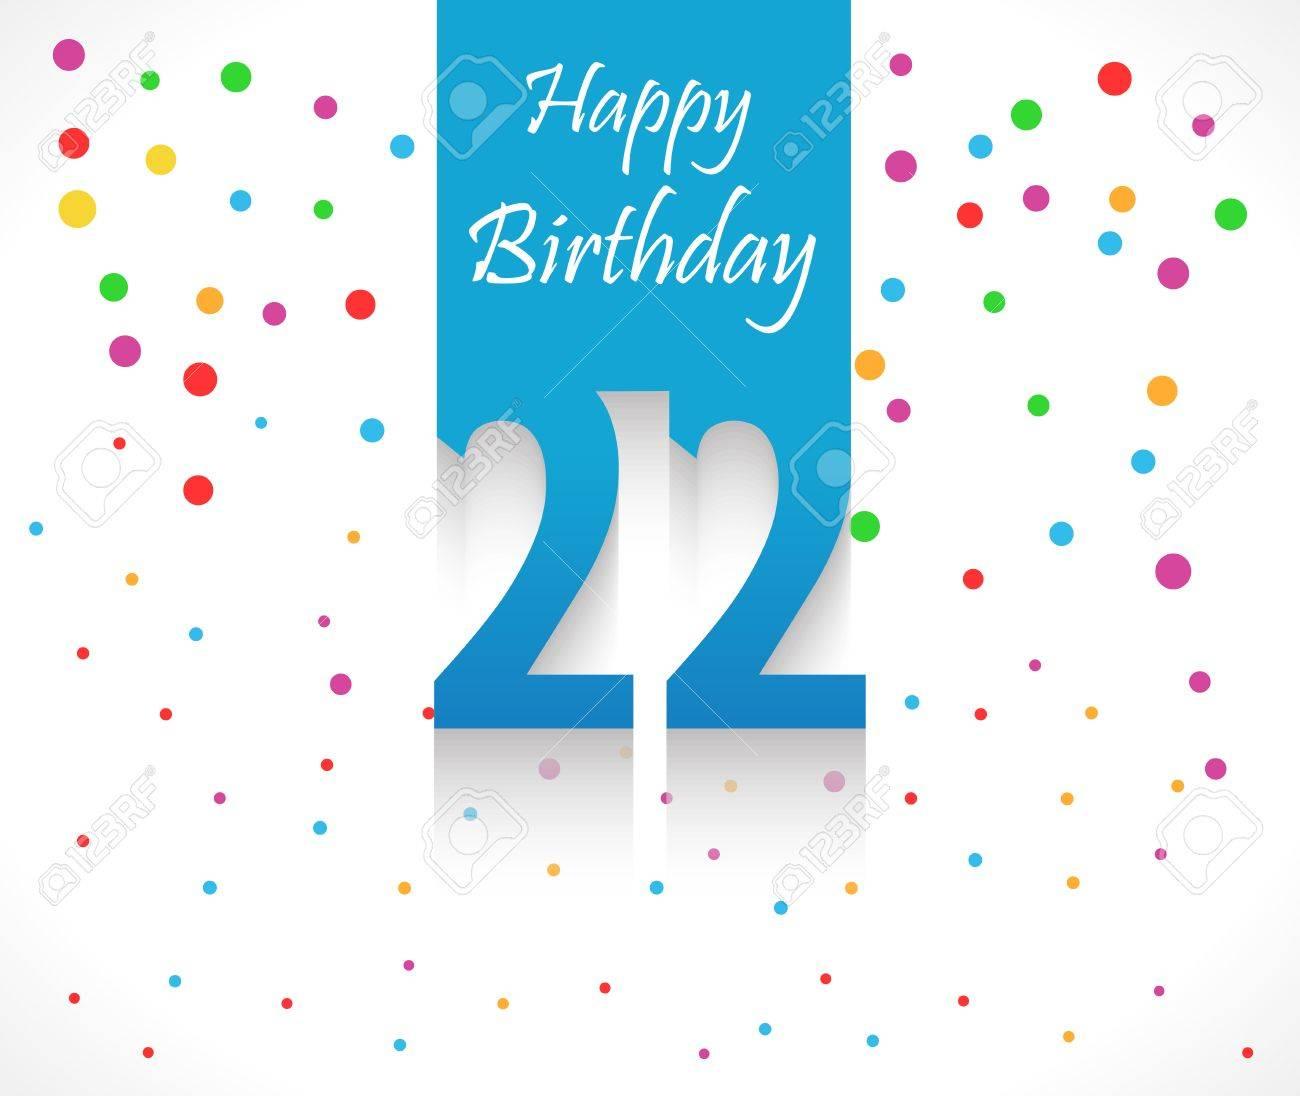 Fond De Joyeux Anniversaire 22 Ans Ou Carte Avec Des Confettis Colores Avec Des Pois Vector Eps10 Clip Art Libres De Droits Vecteurs Et Illustration Image 44394192